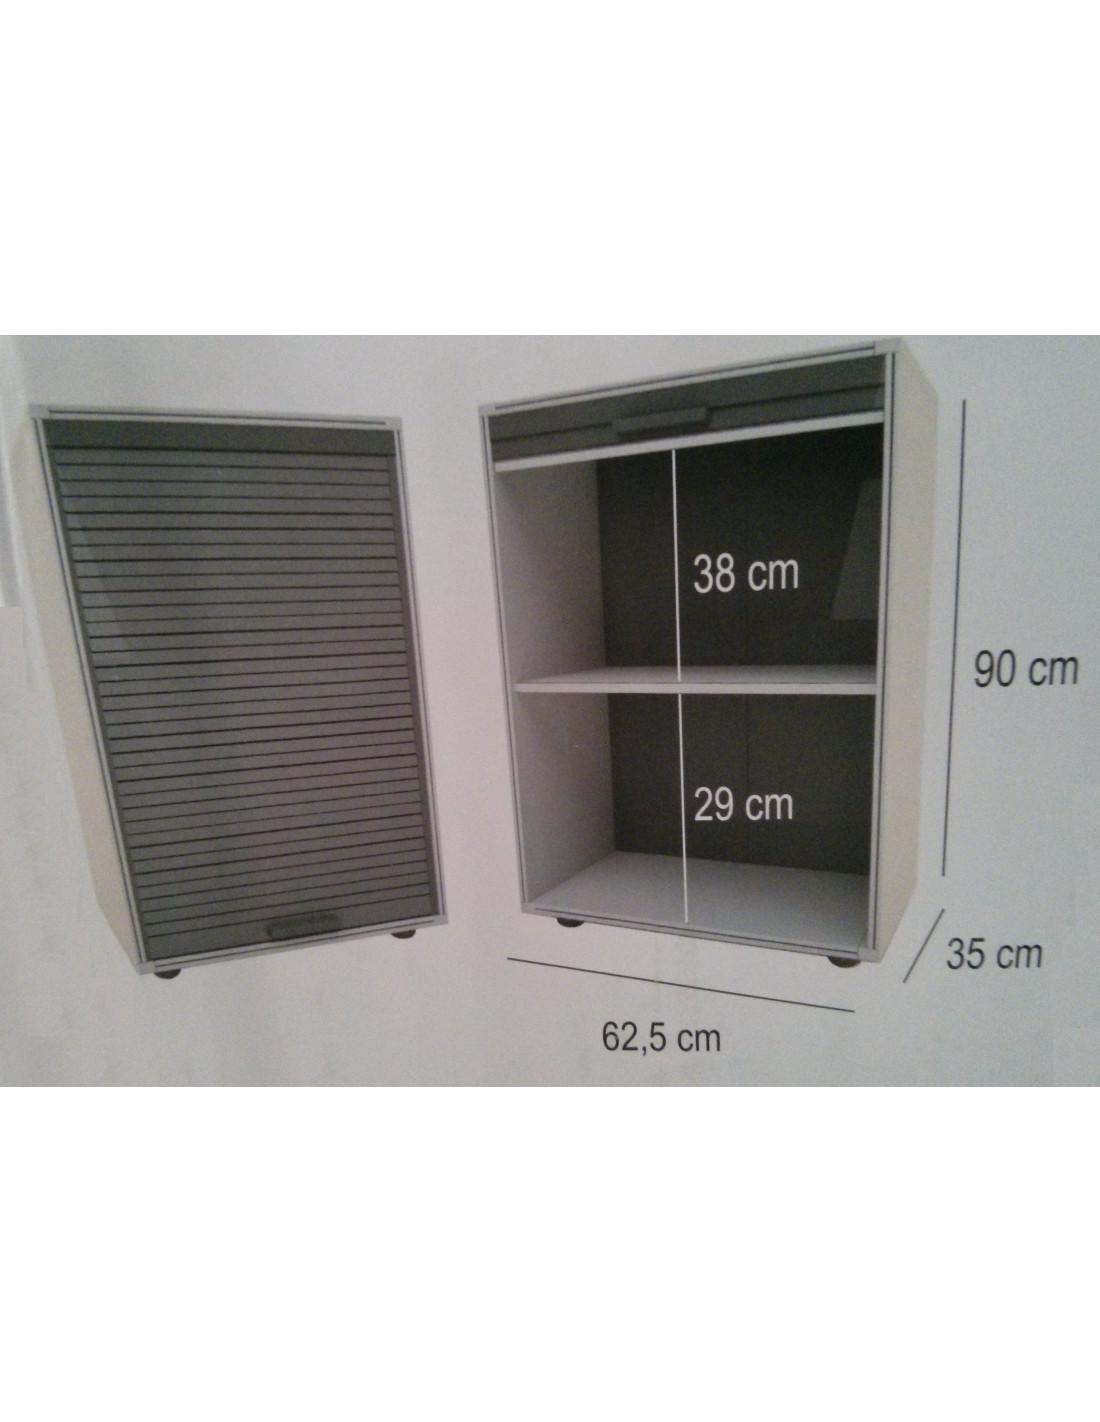 Modulo armario con puertas de persiana garaje 90x62 5cm - Armario para garaje ...